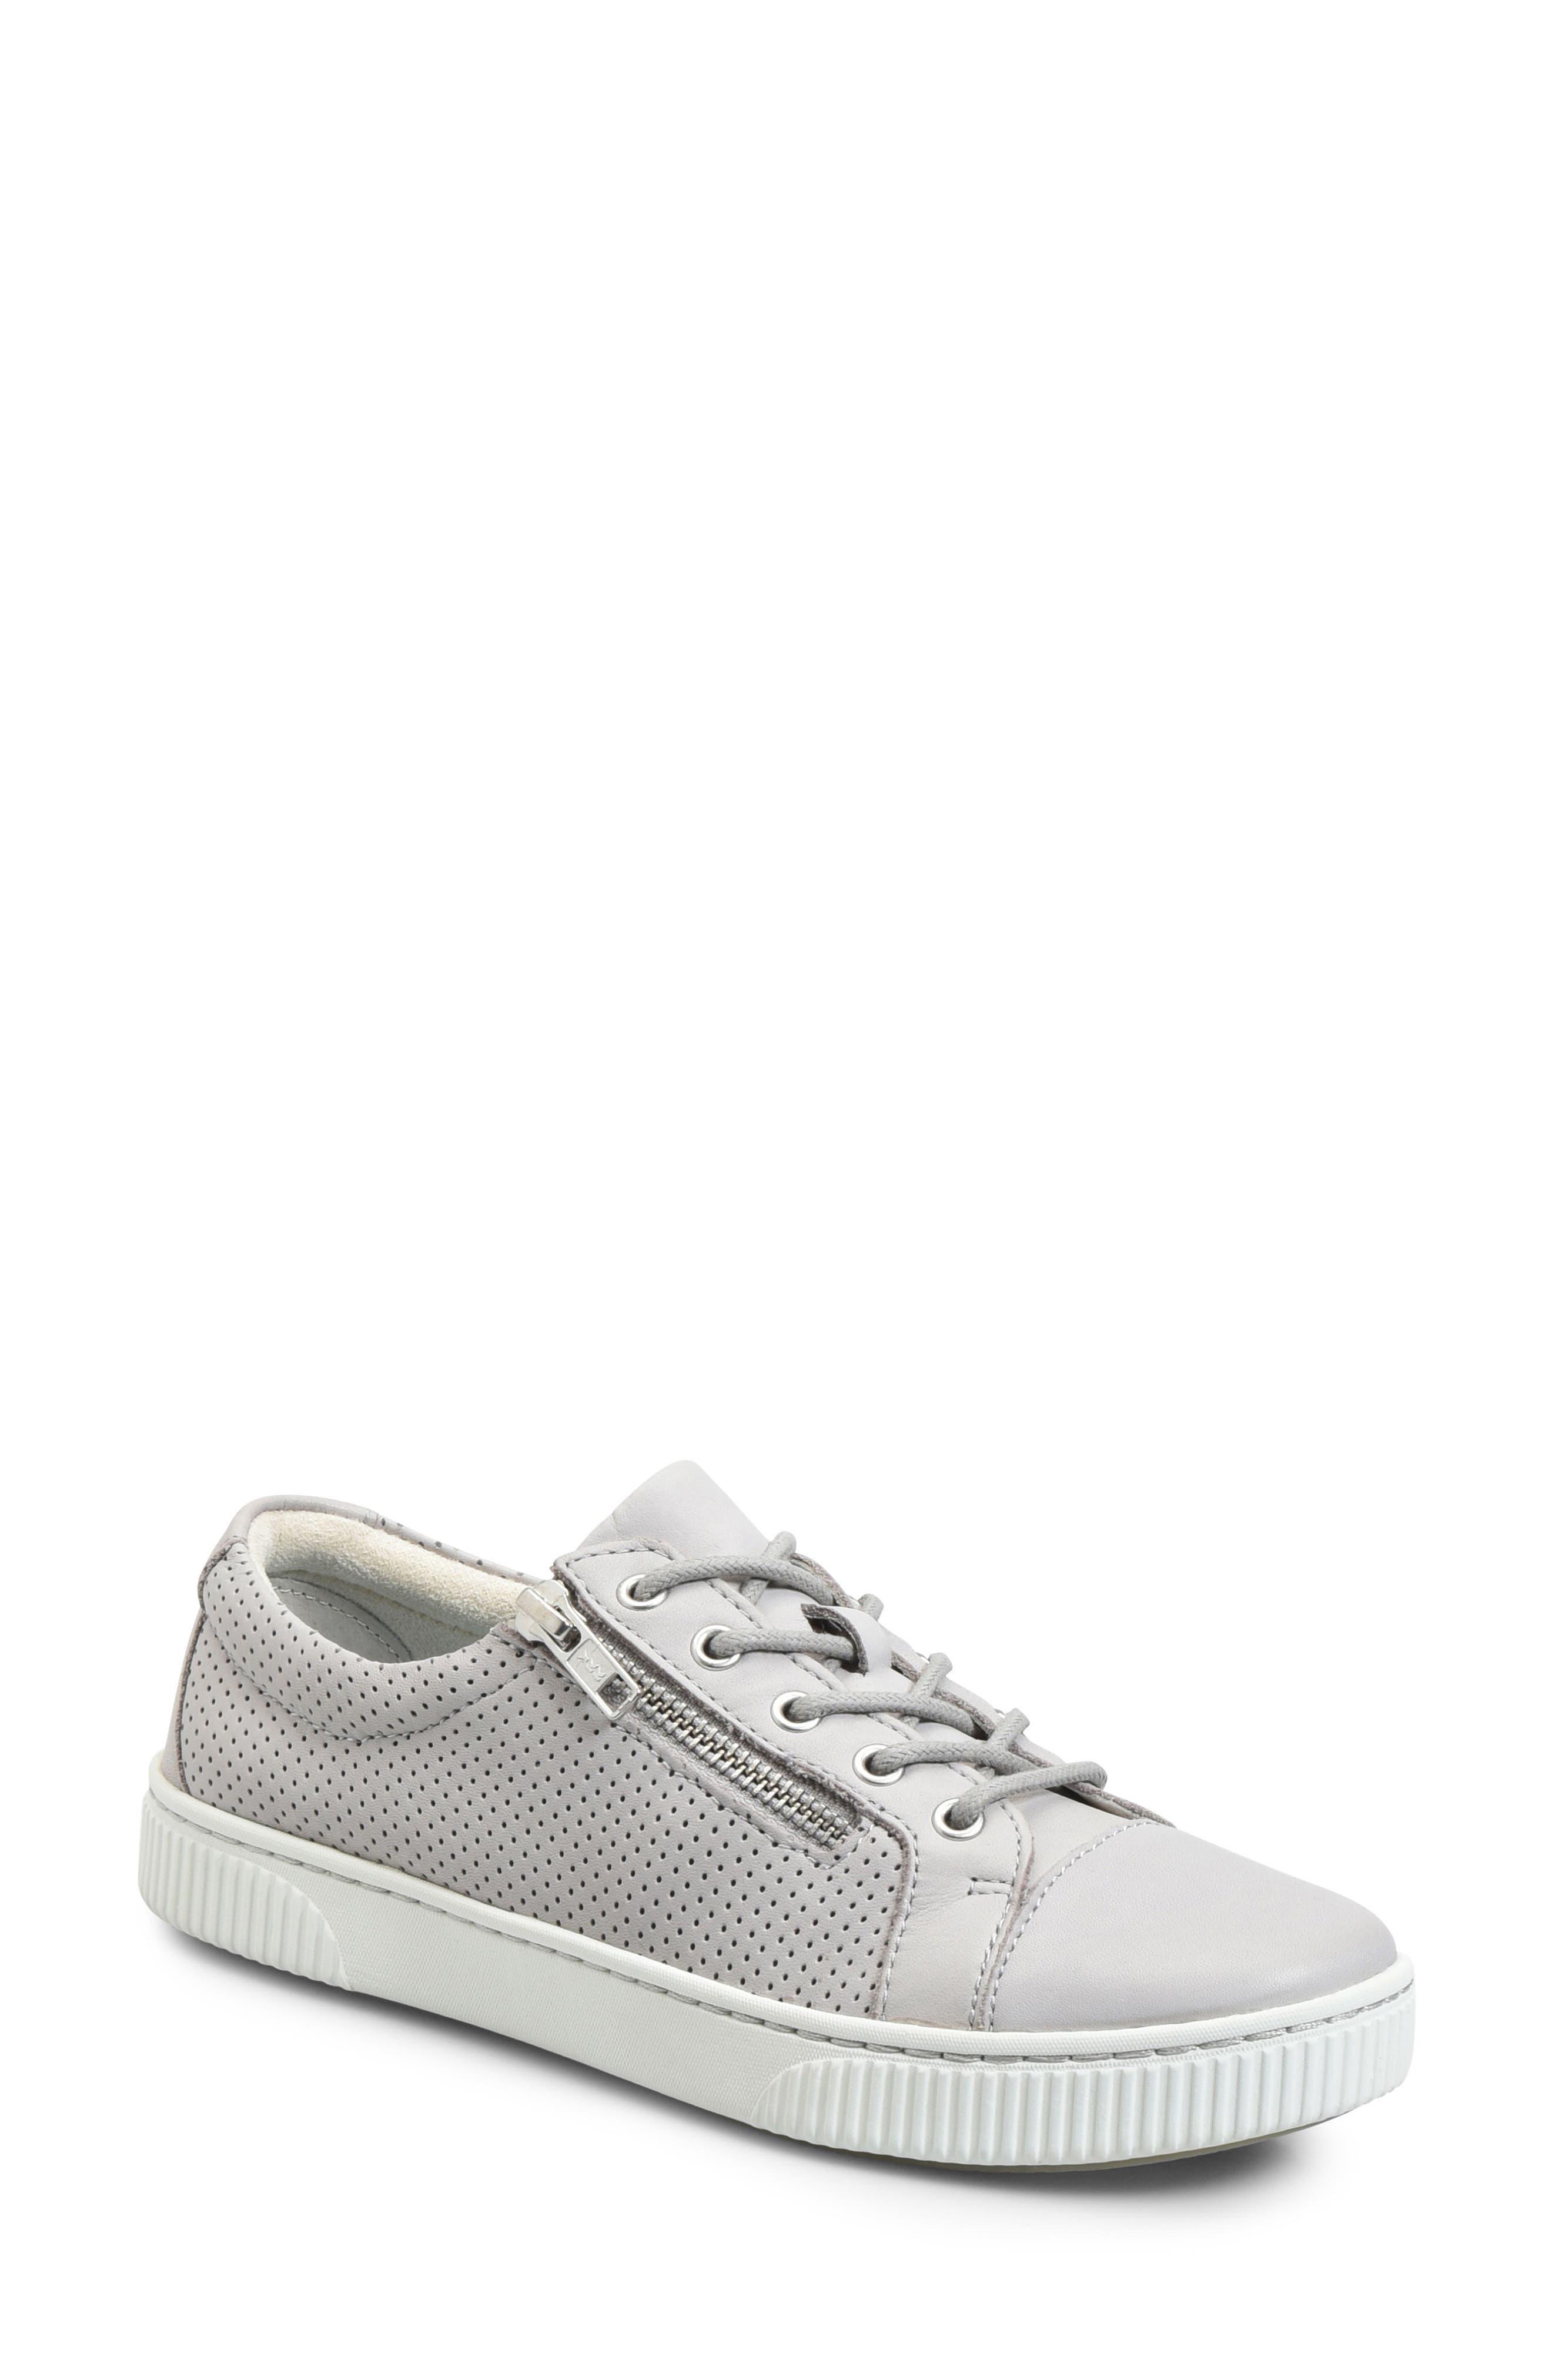 B?rn Tamara Perforated Sneaker, Grey